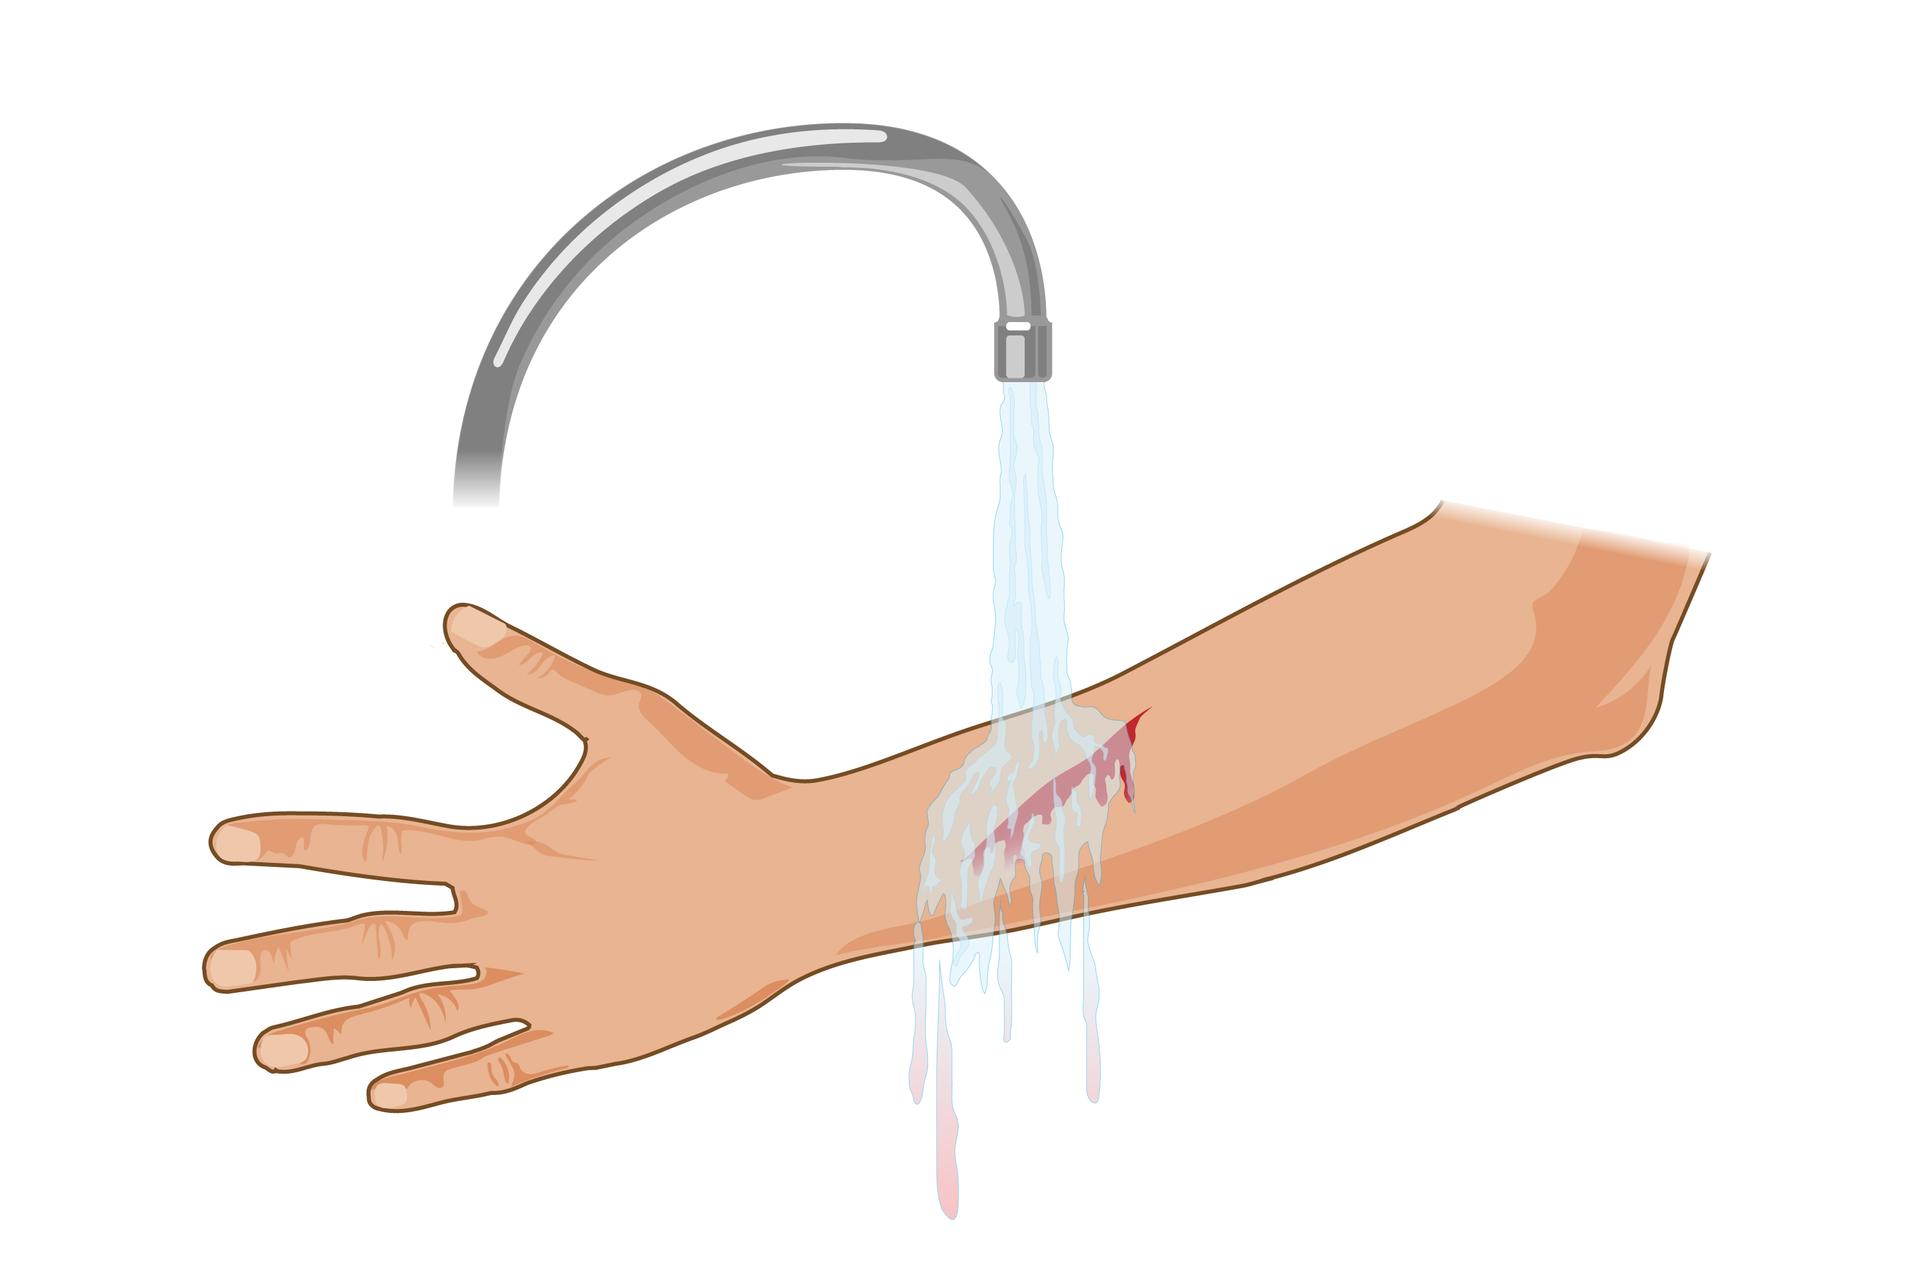 Ilustracja przedstawia przemywanie rany. Lewa ręka ukazana od dłoni zwyprostowanymi palcami po lewej stronie rysunku do łokcia po prawej stronie skierowana jest zewnętrzną stroną do obserwatora. Mniej więcej wpołowie przedramienia kilkucentymetrowa krwawiąca rana cięta. Powyżej kran zodkręconą wodą. Strumień obmywa ranę spłukując krew.